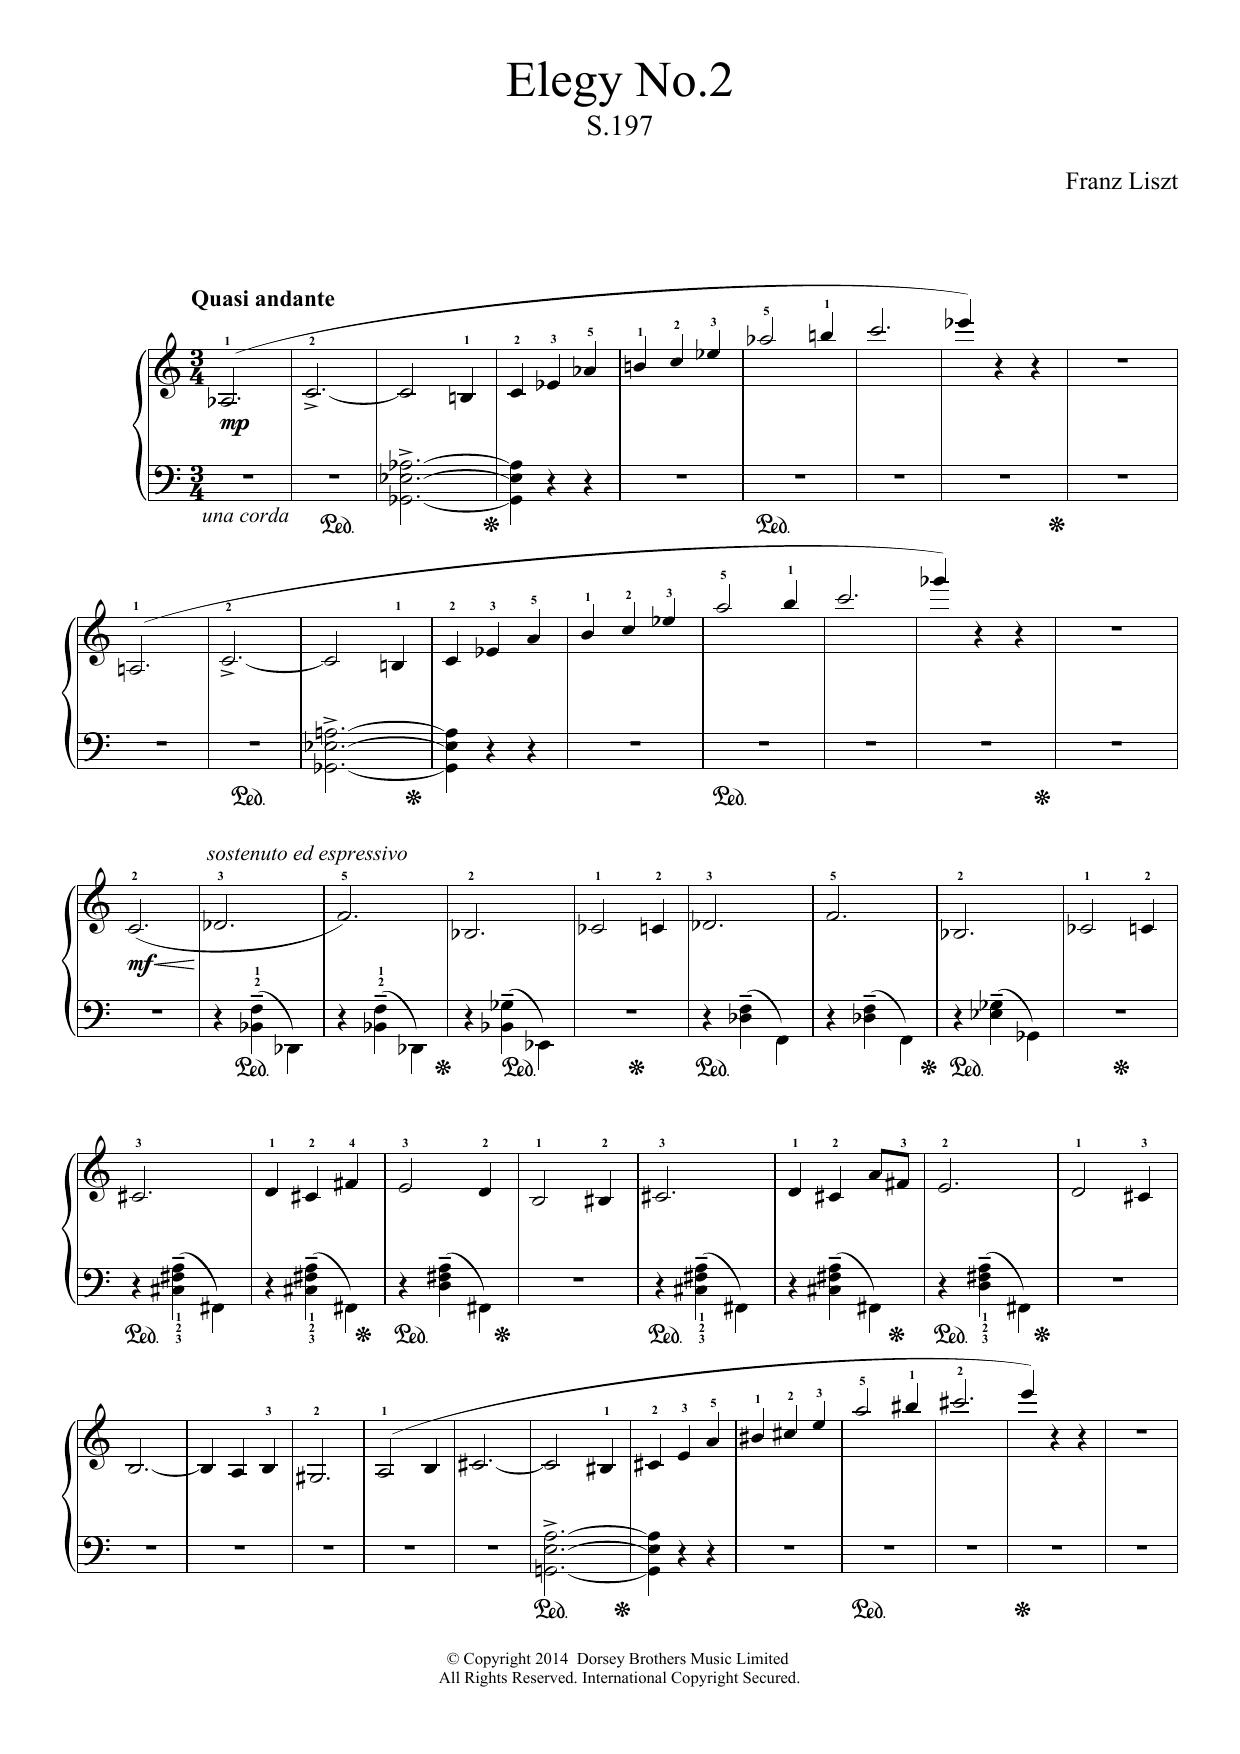 Franz Liszt - Elegy No.2